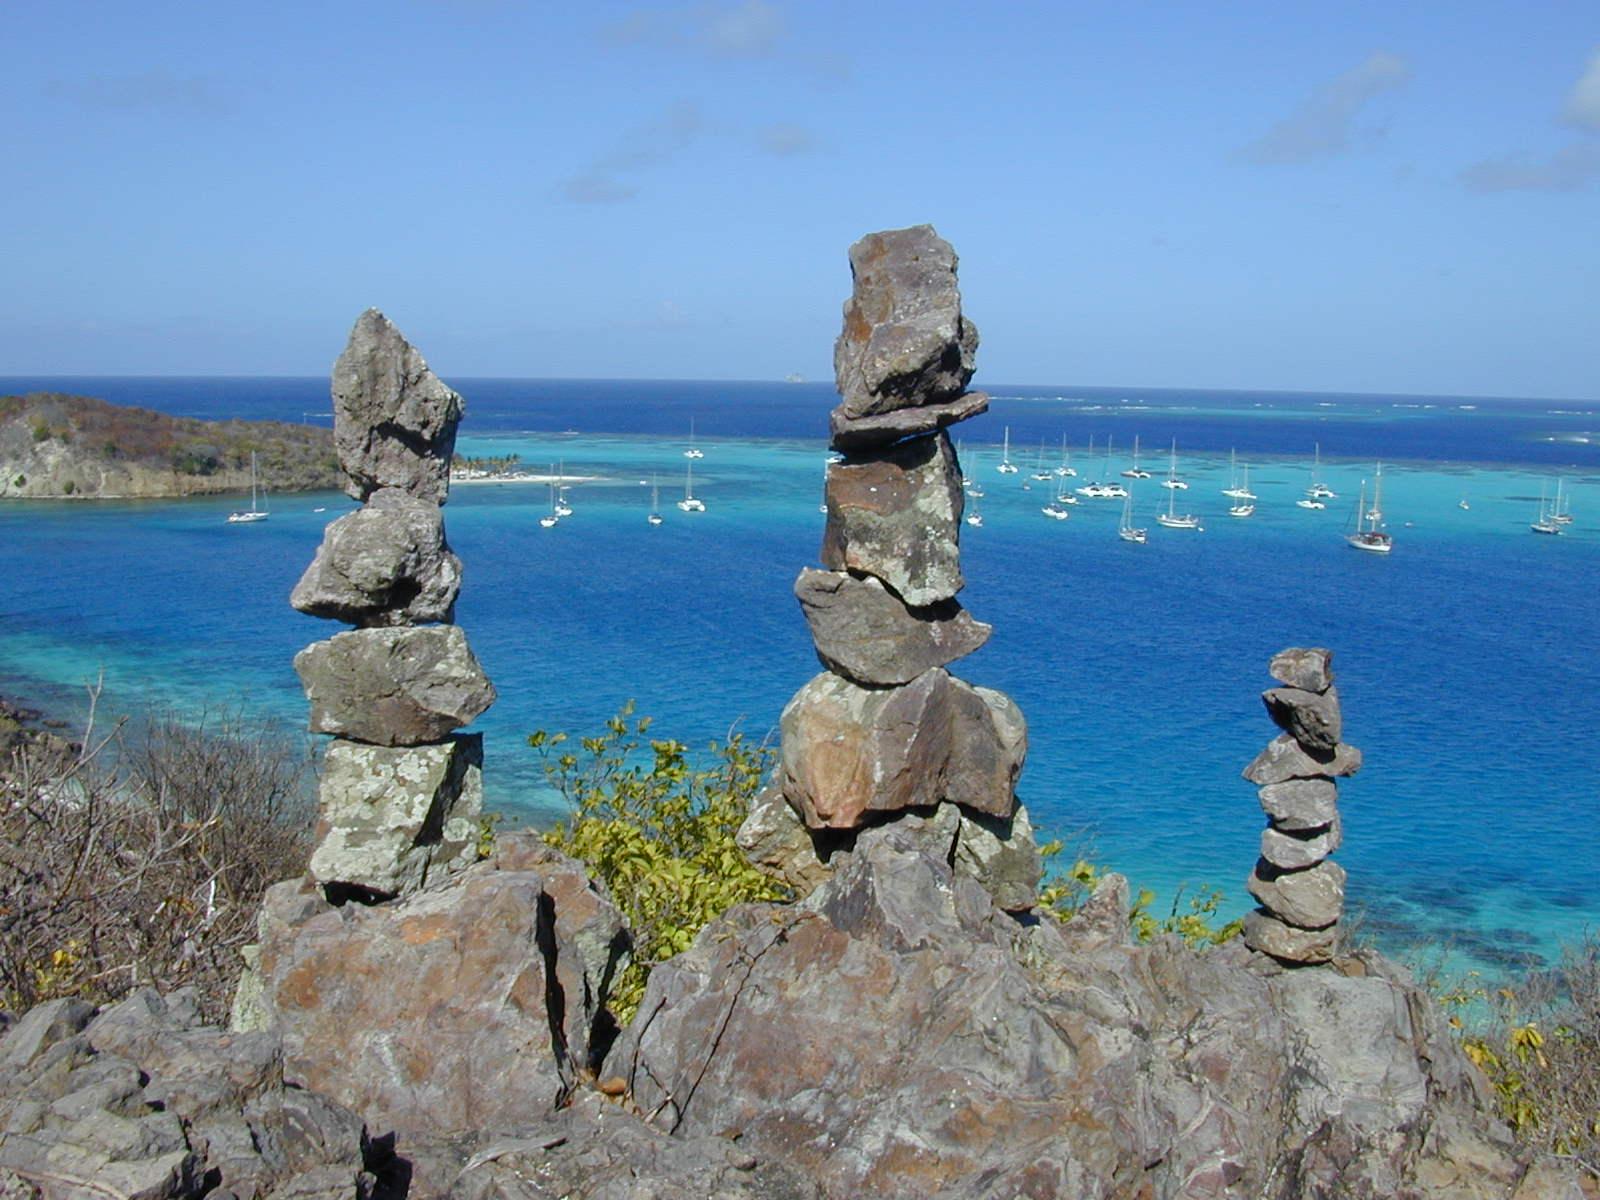 OmorO - Cairns Tobago Cays - 2001